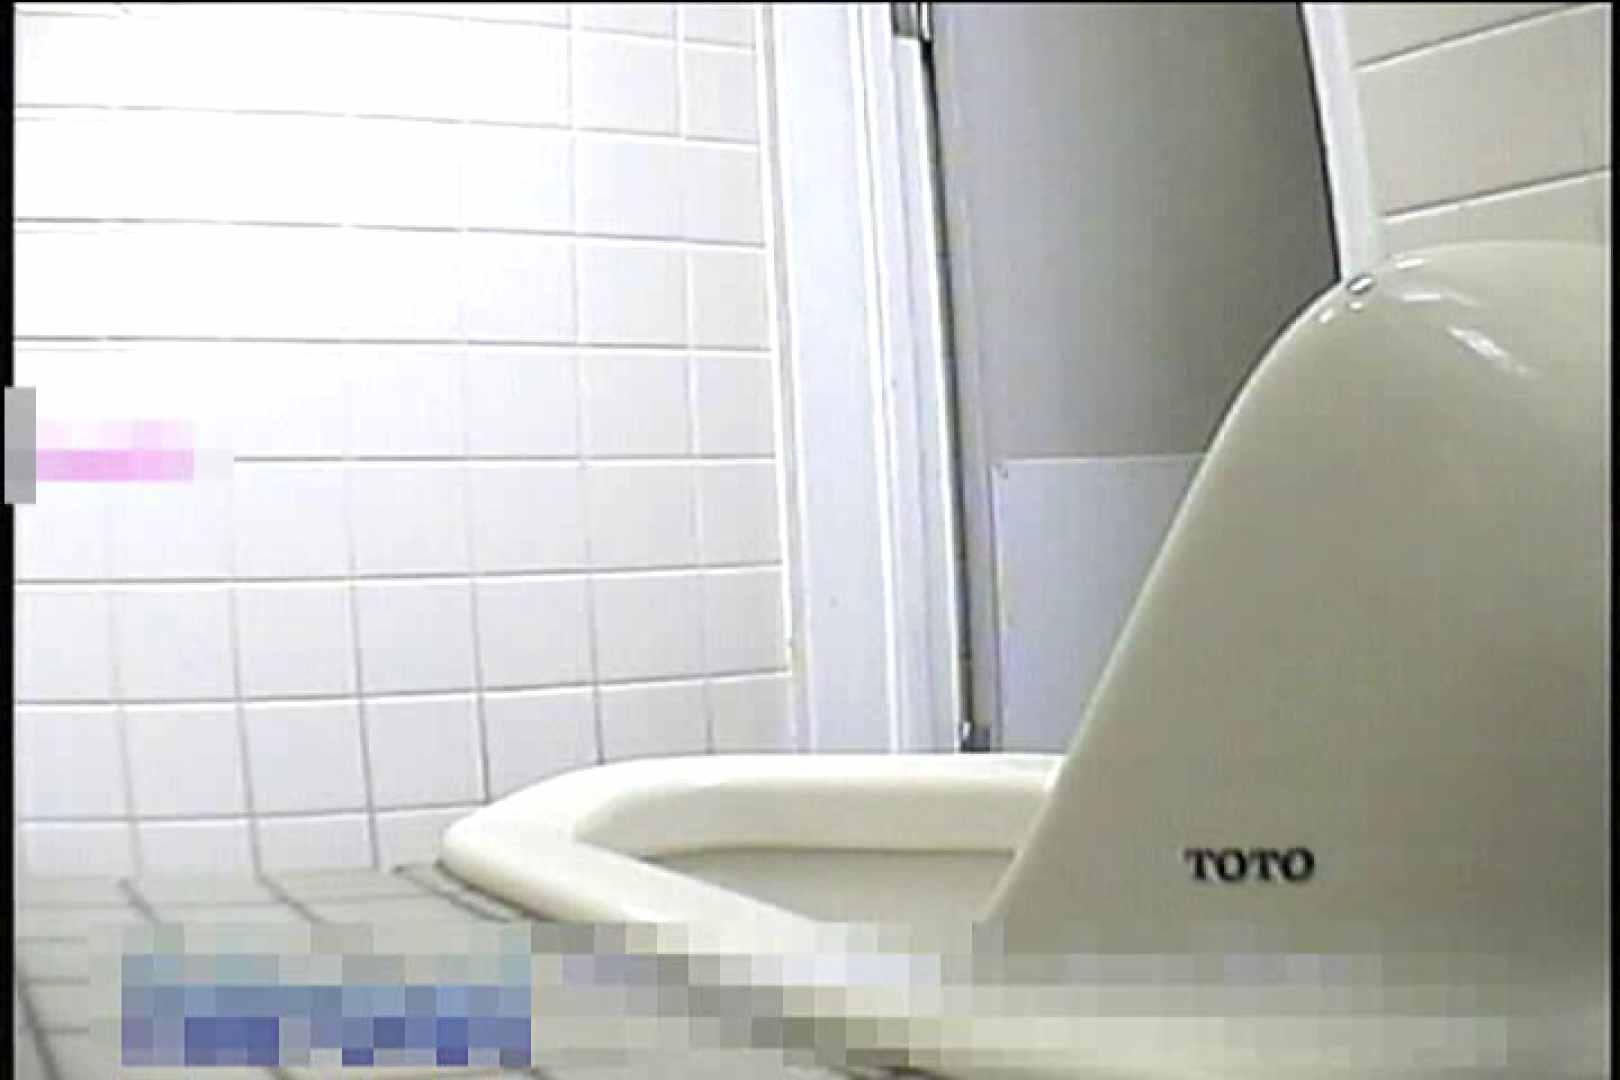 2点盗撮洗面所潜入レポートVol.6 フリーハンド 覗きオメコ動画キャプチャ 76画像 44